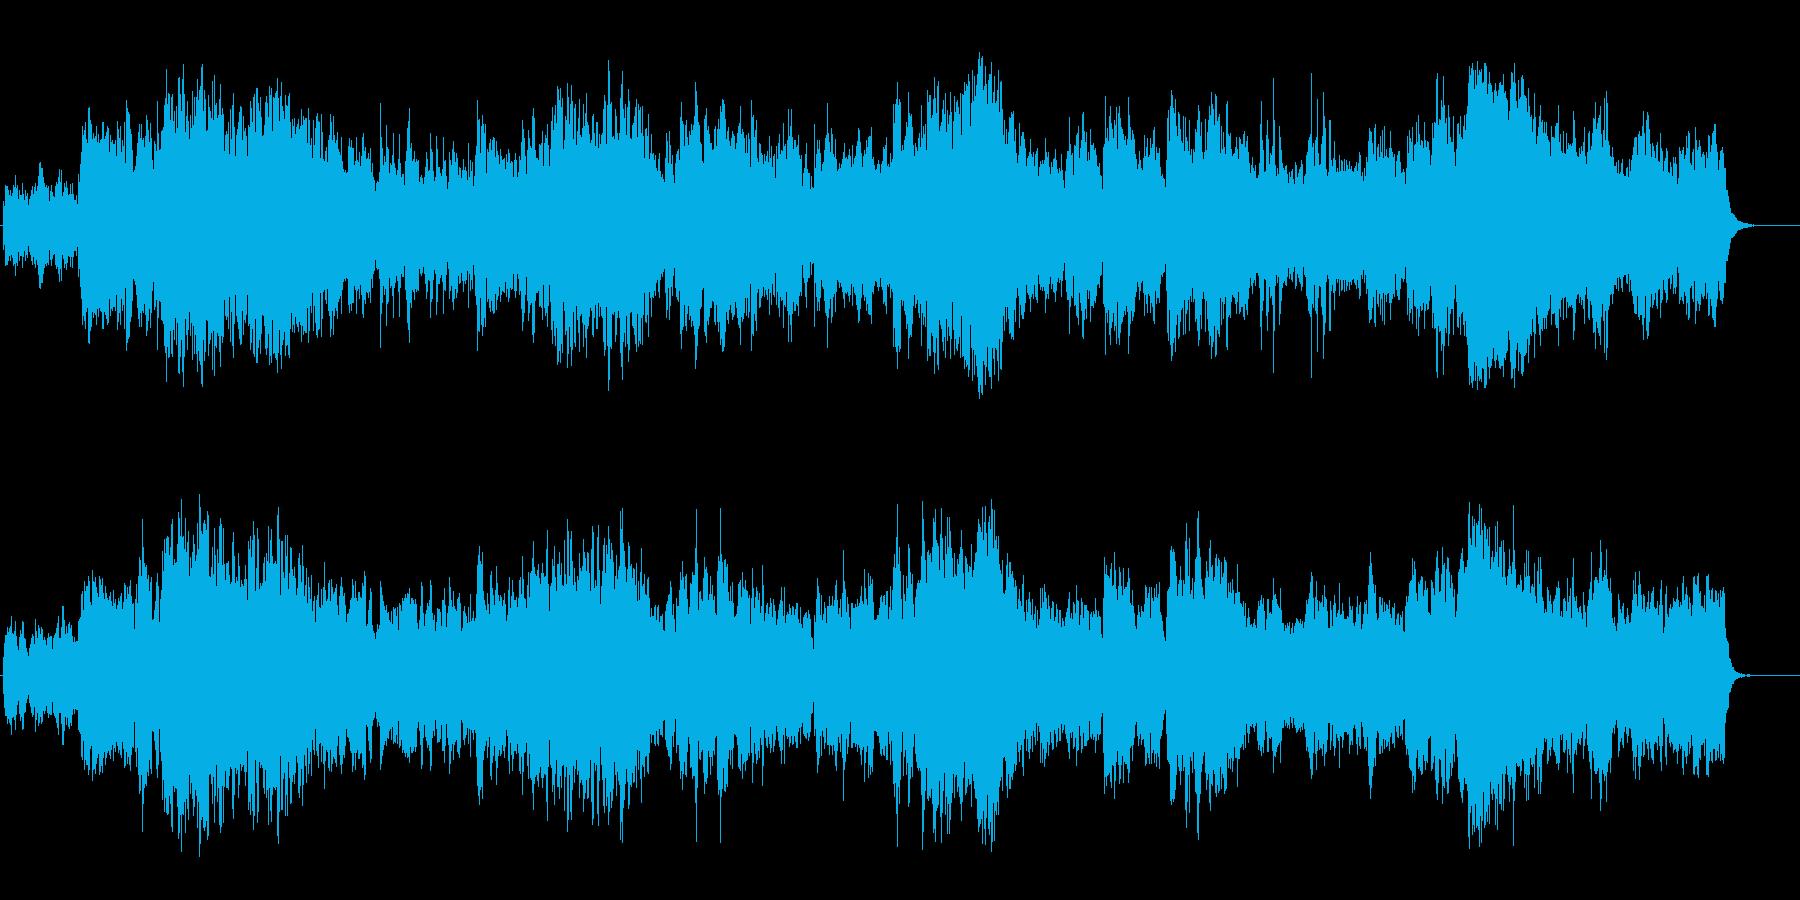 大自然の雄大なビッグスケールBGMの再生済みの波形